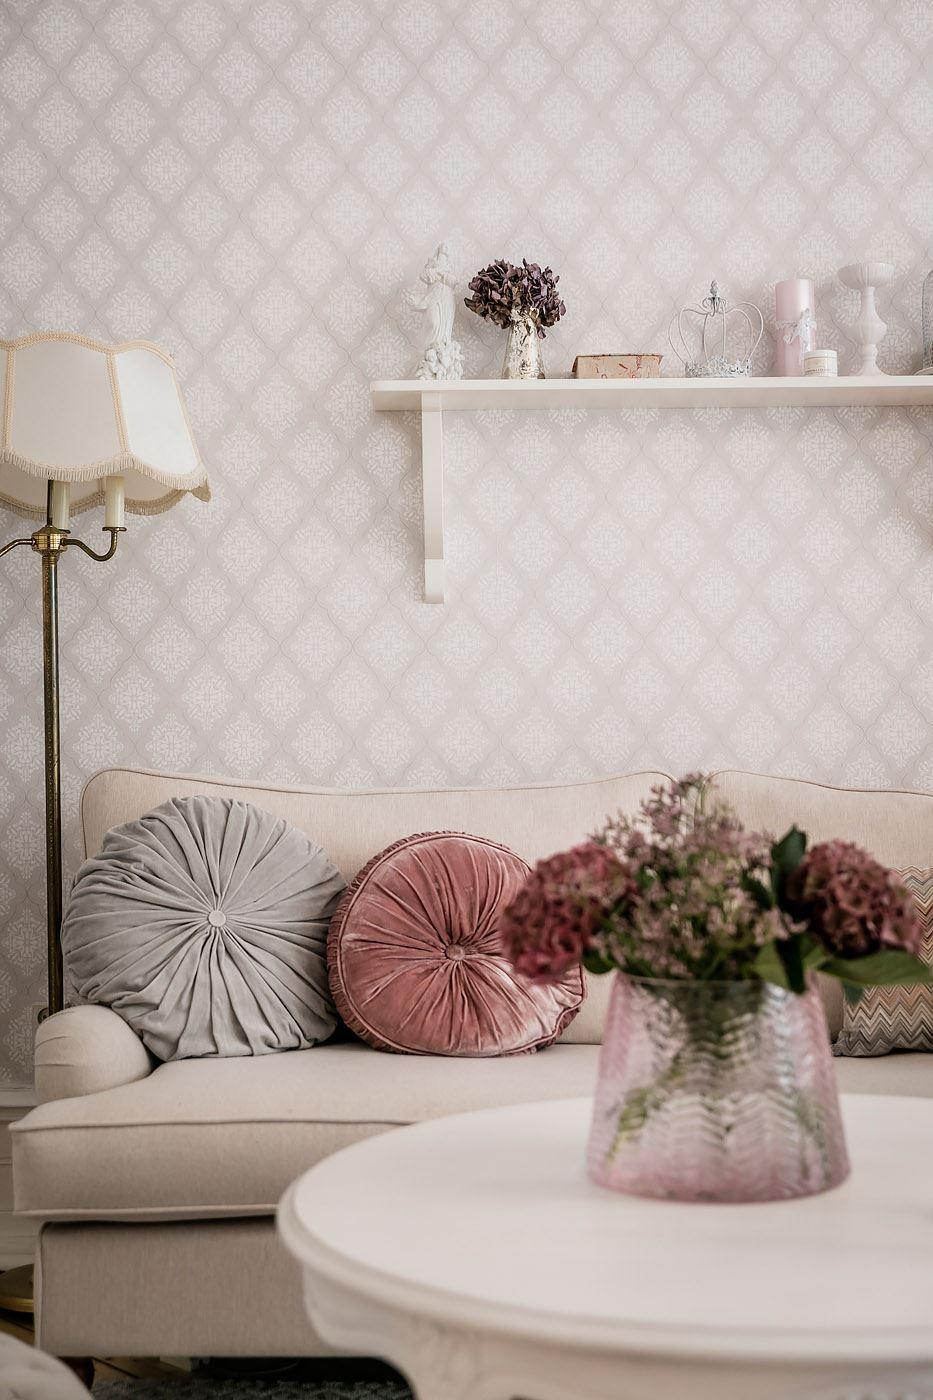 бежевый диван подушки обои абажур столик ваза цветы